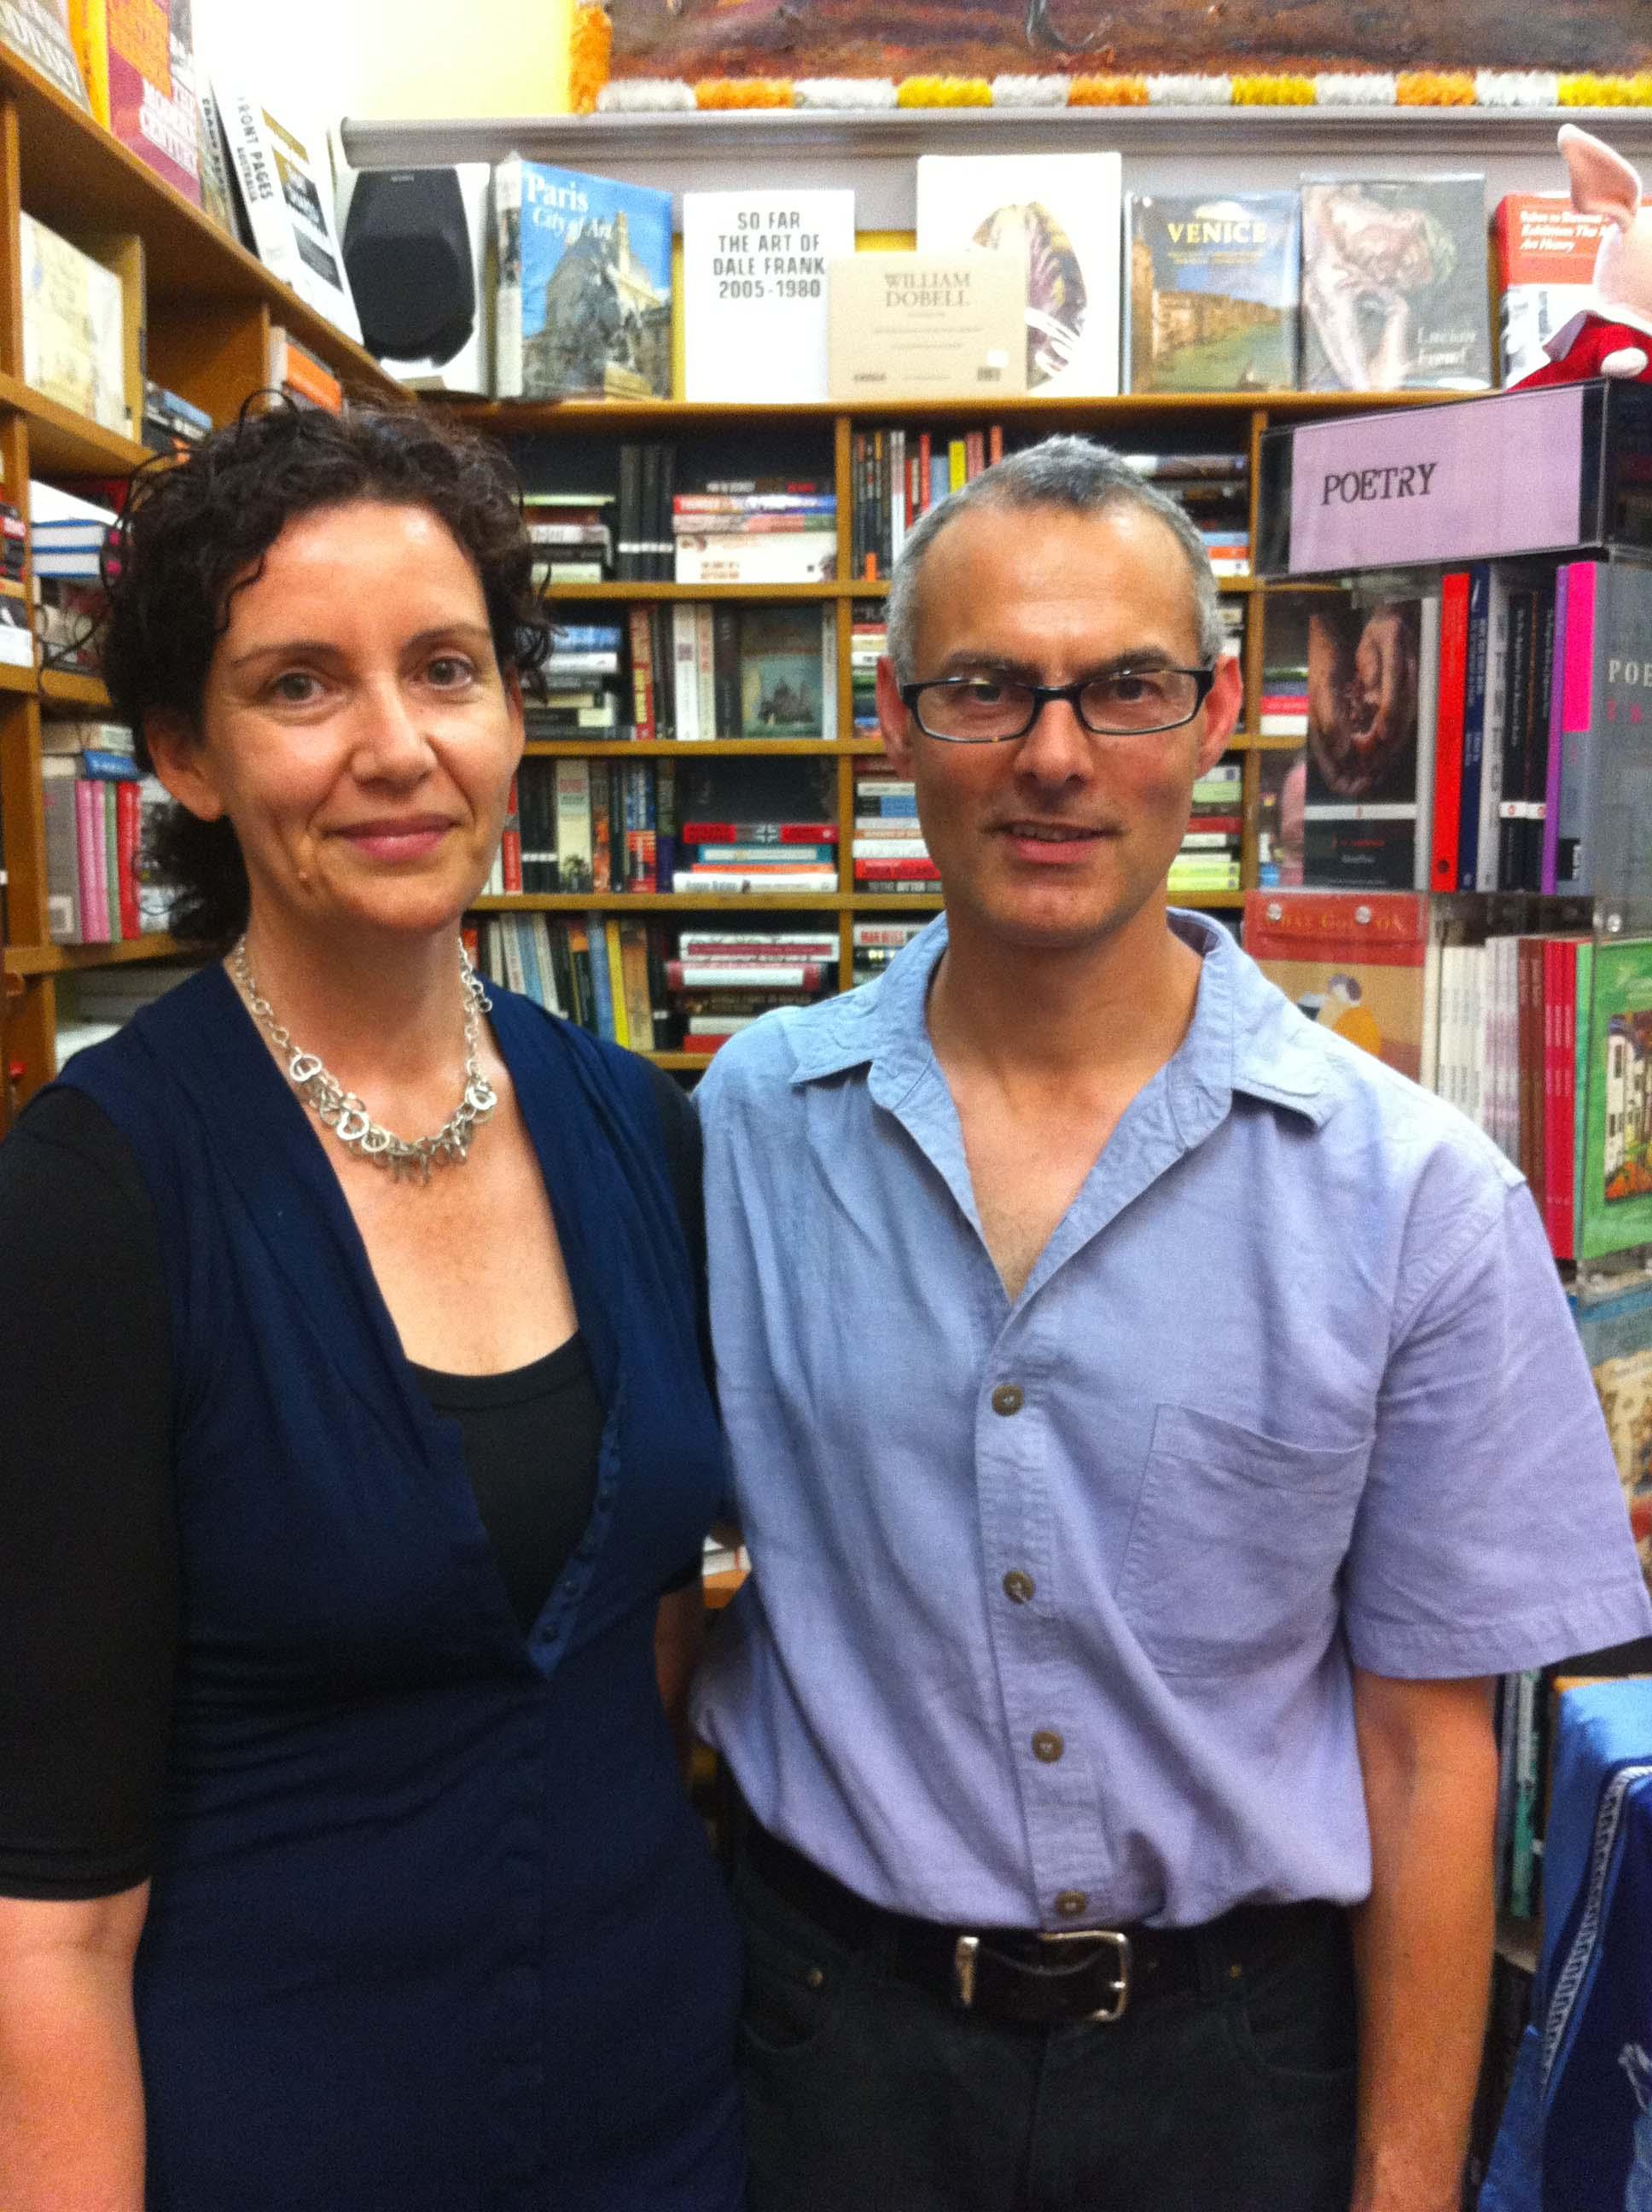 Miriam and Arjun von Caemmerer